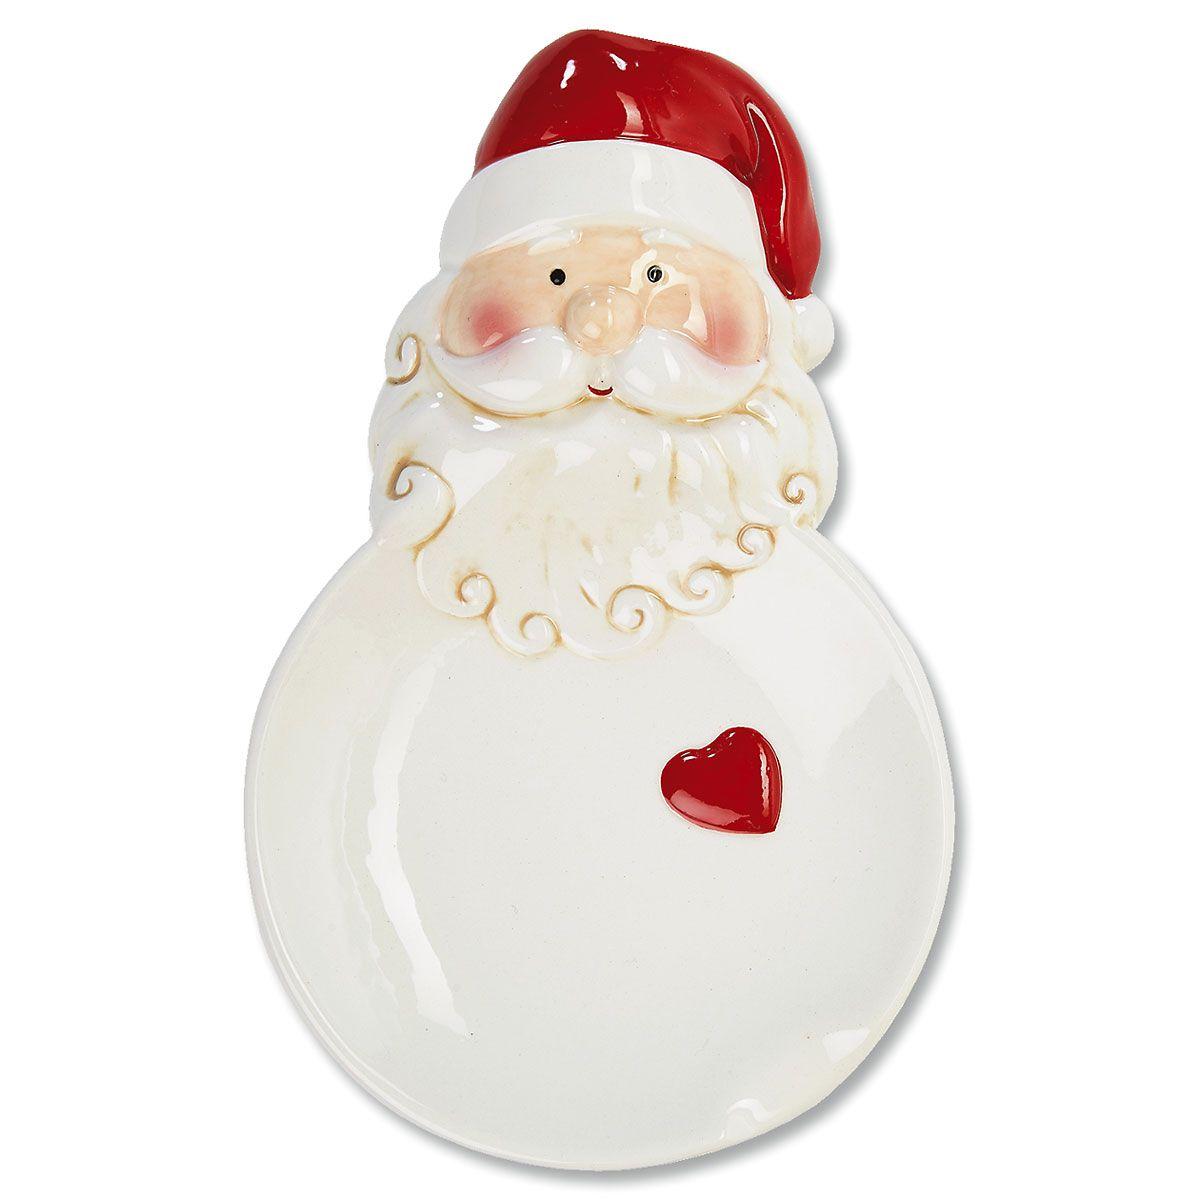 Santa Spoon Rest - BOGO